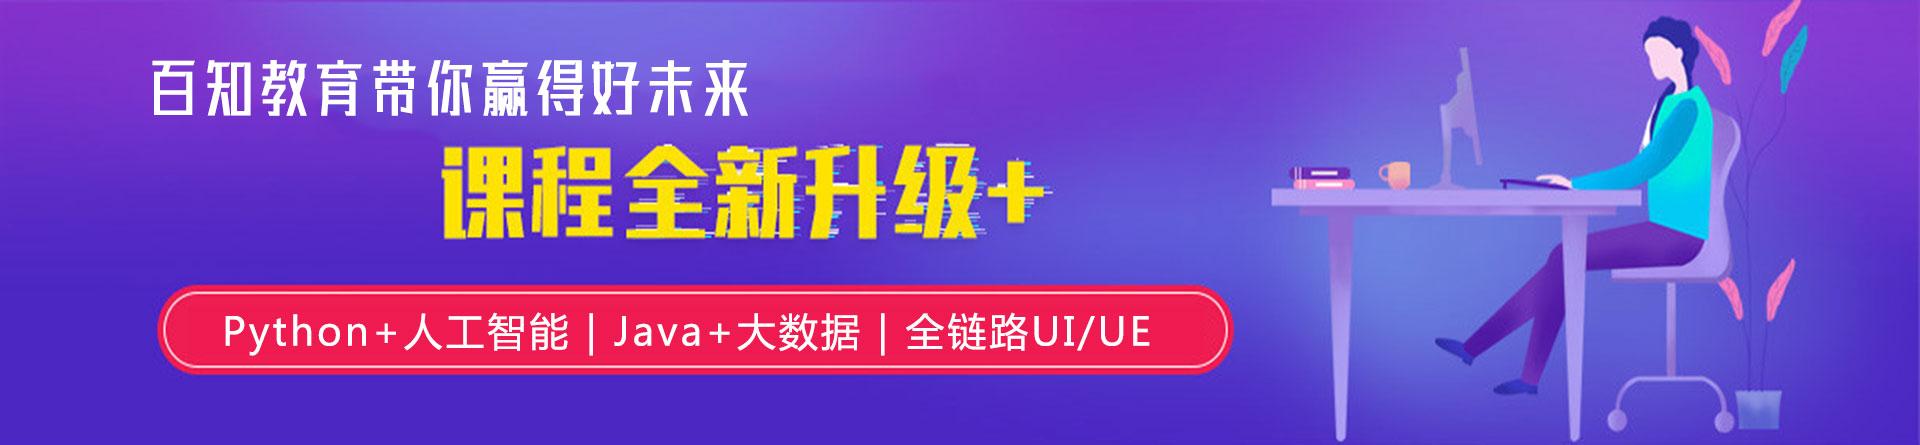 郑州百知教育